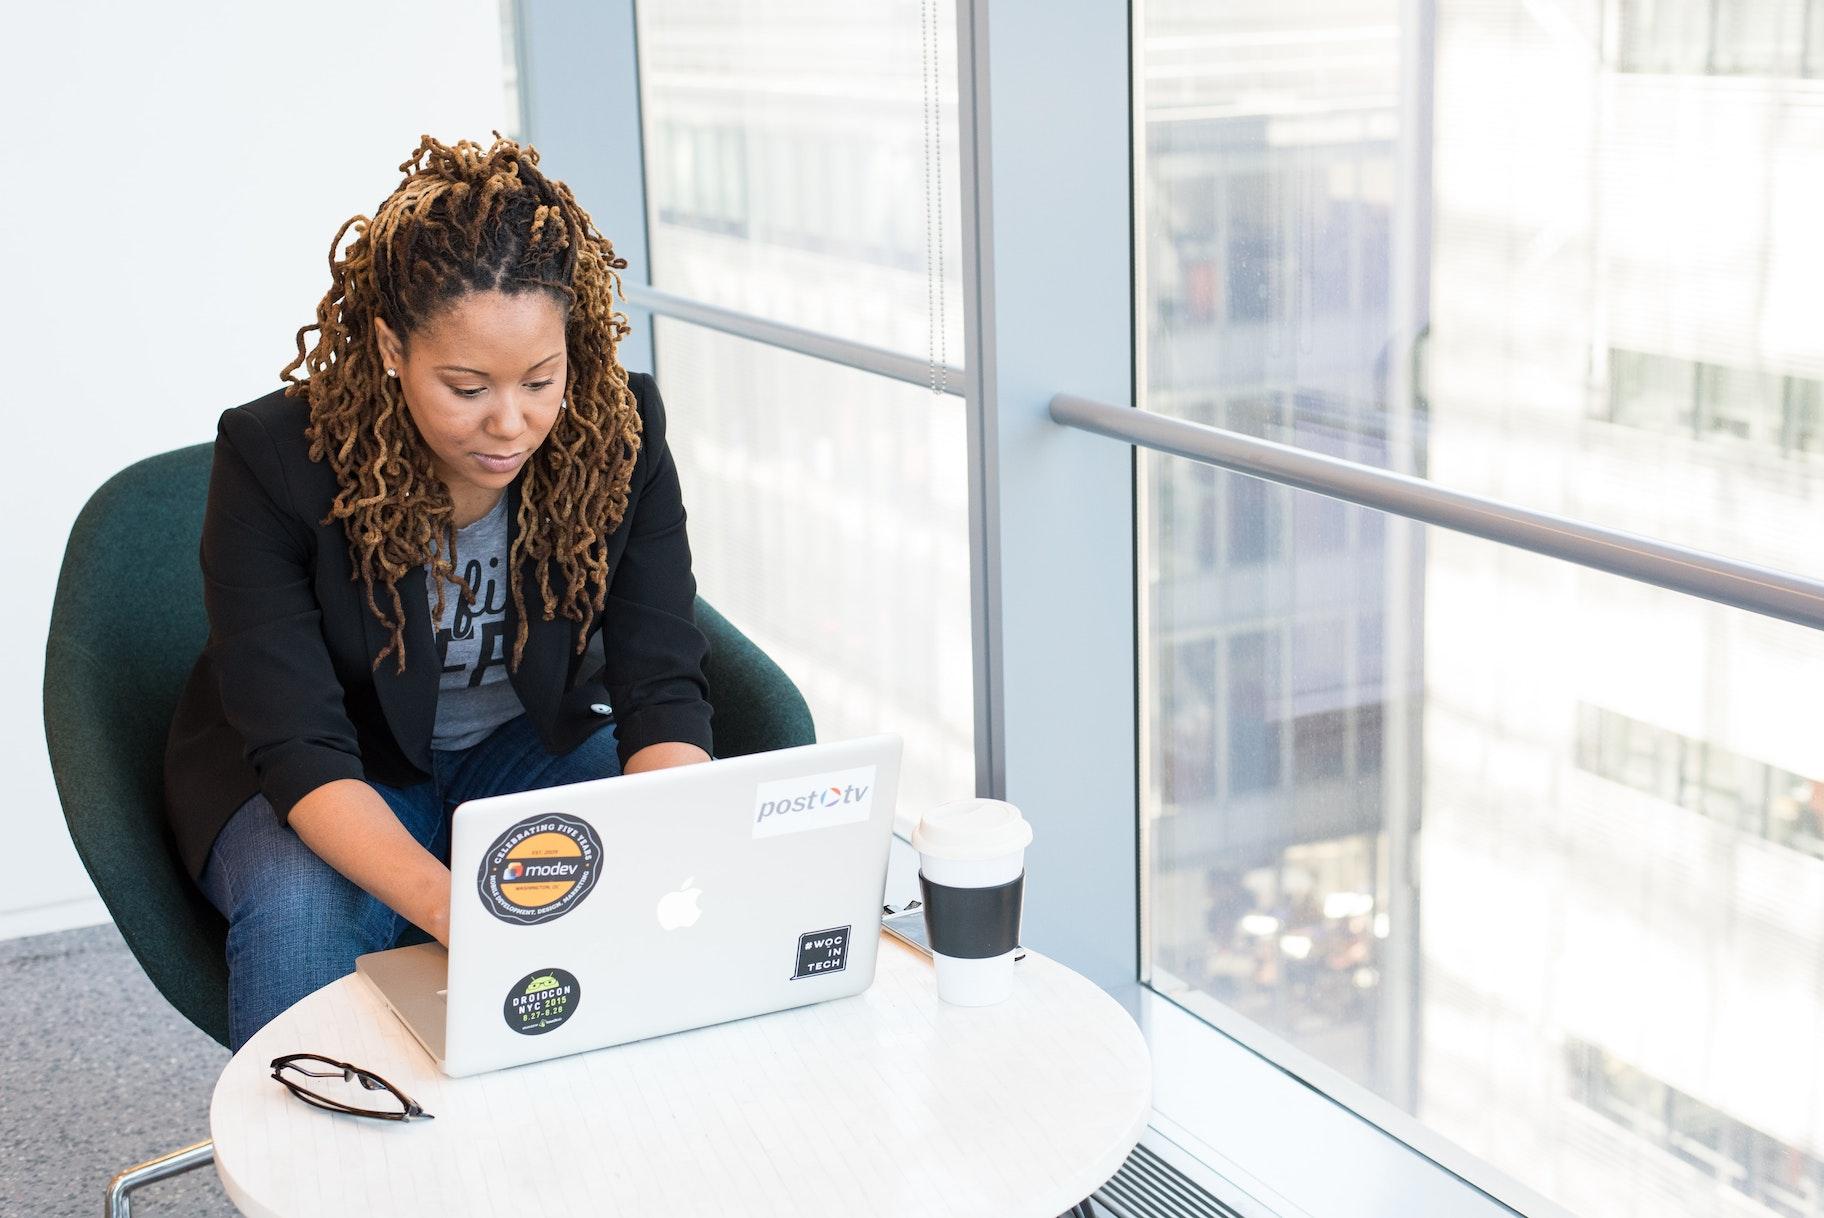 idée création entreprise femme